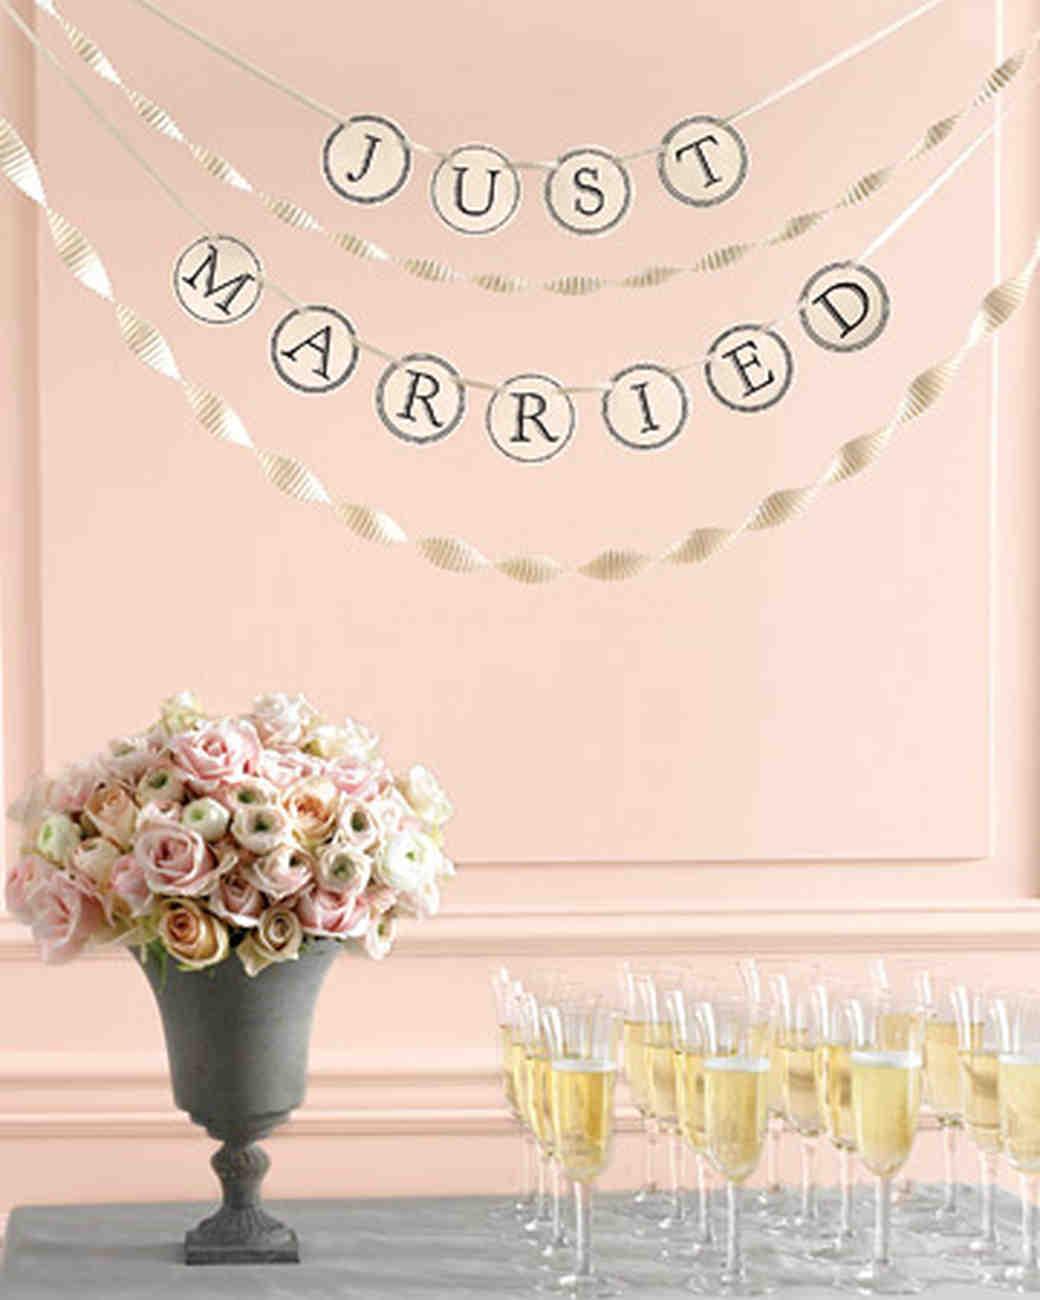 Martha Stewart Weddings: Templates For Wedding Decorations